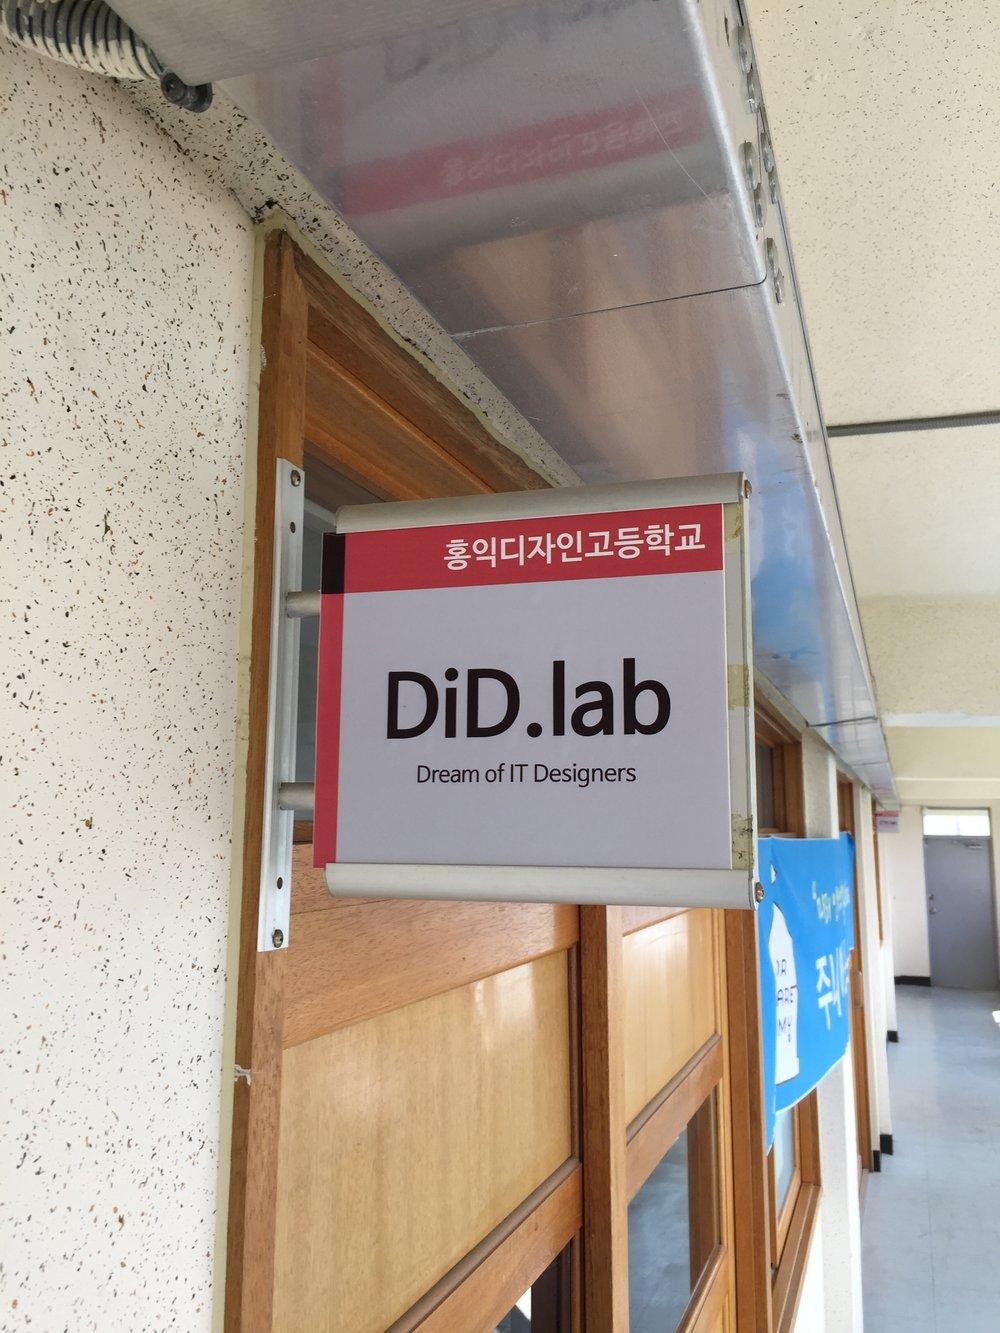 오늘의 강의는, 이름이 'DiD.lab'이라고 적힌 멋진 강의실에서 수업이 진행되었습니다.